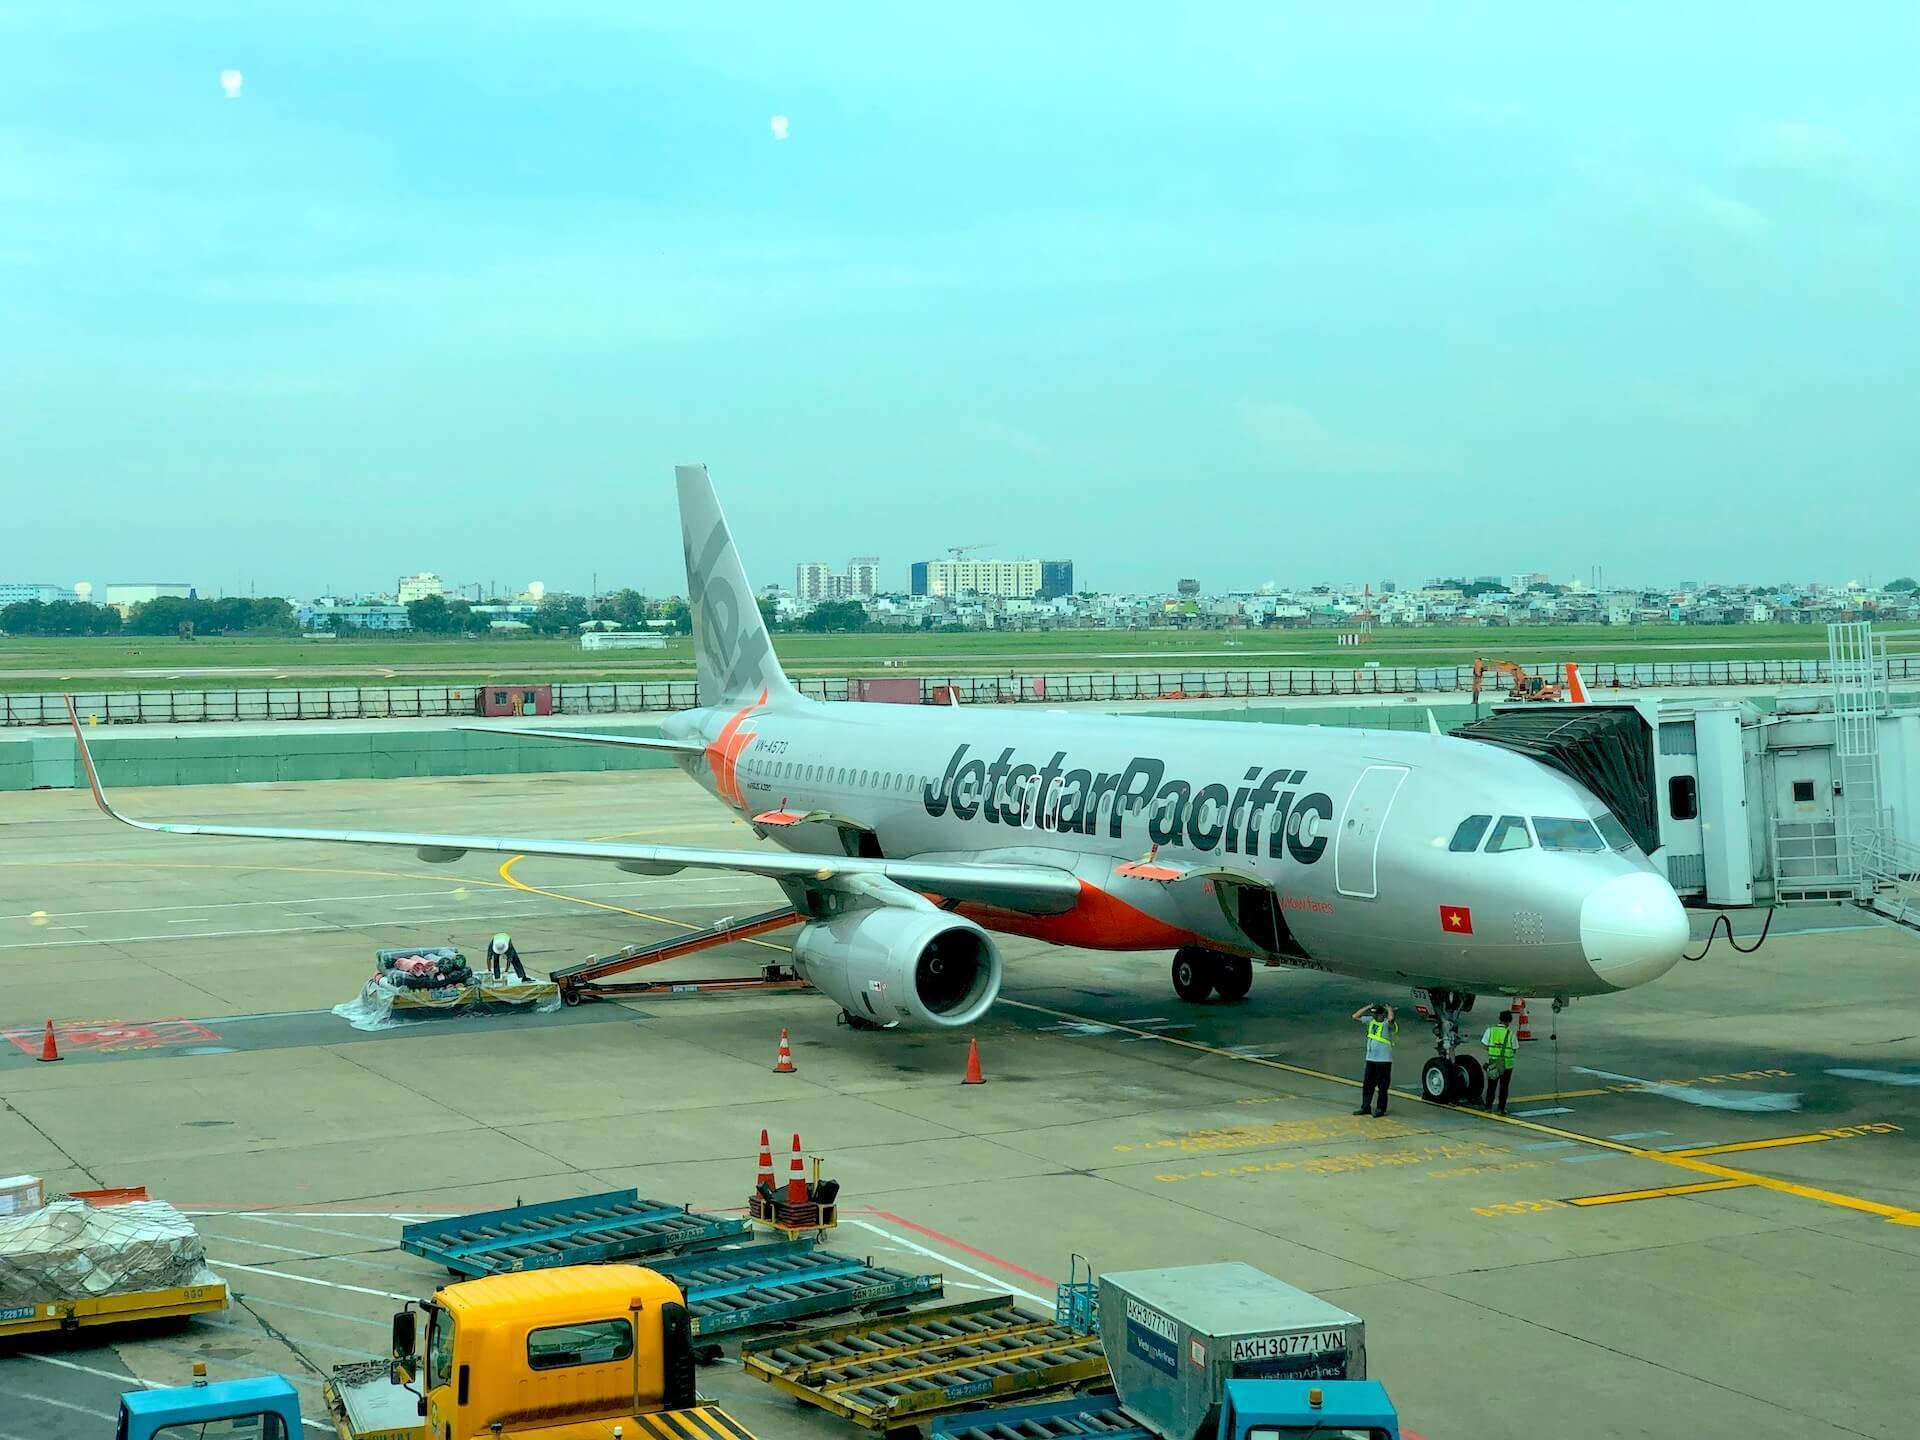 Jetstar Pacific Air - Airbus A320 Saigon